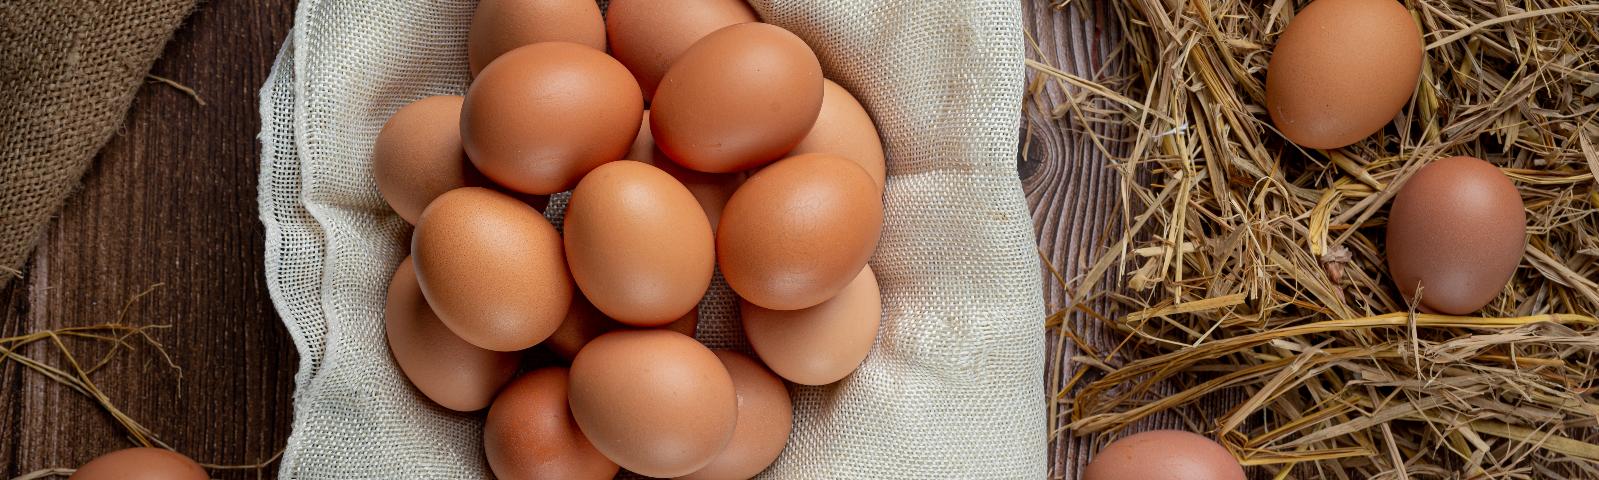 Eier frisch